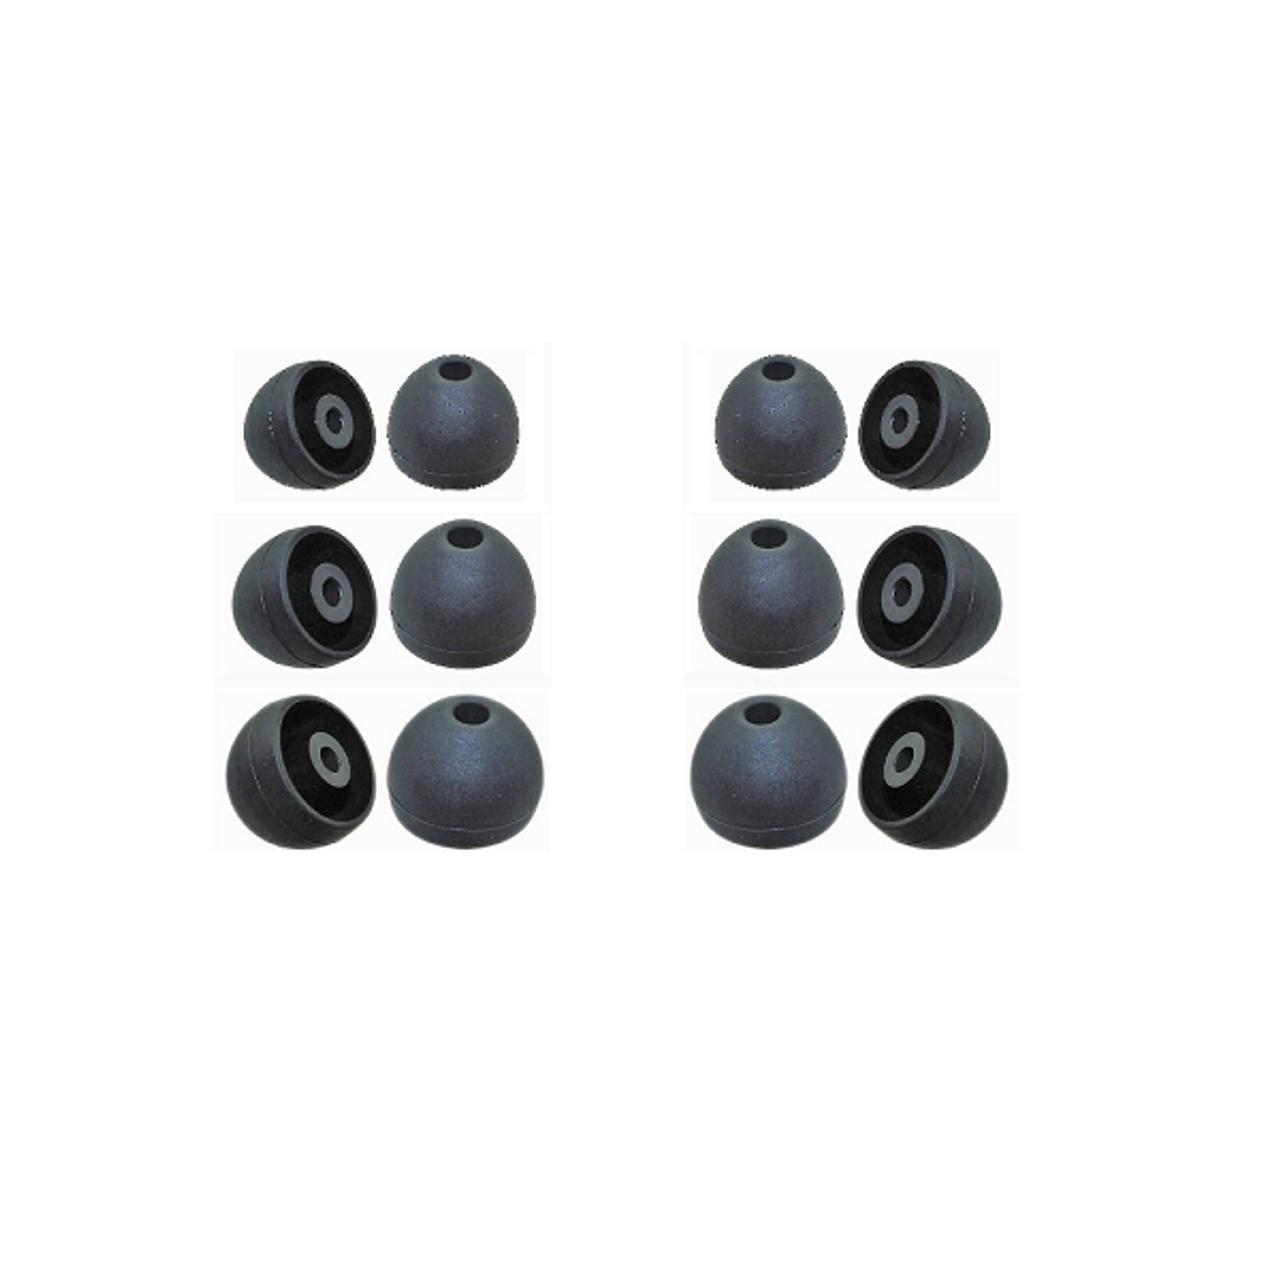 Memory Foam EARBUDS EARTIPS EAR TIPS for Westone AM Pro 10 20 30 earphone